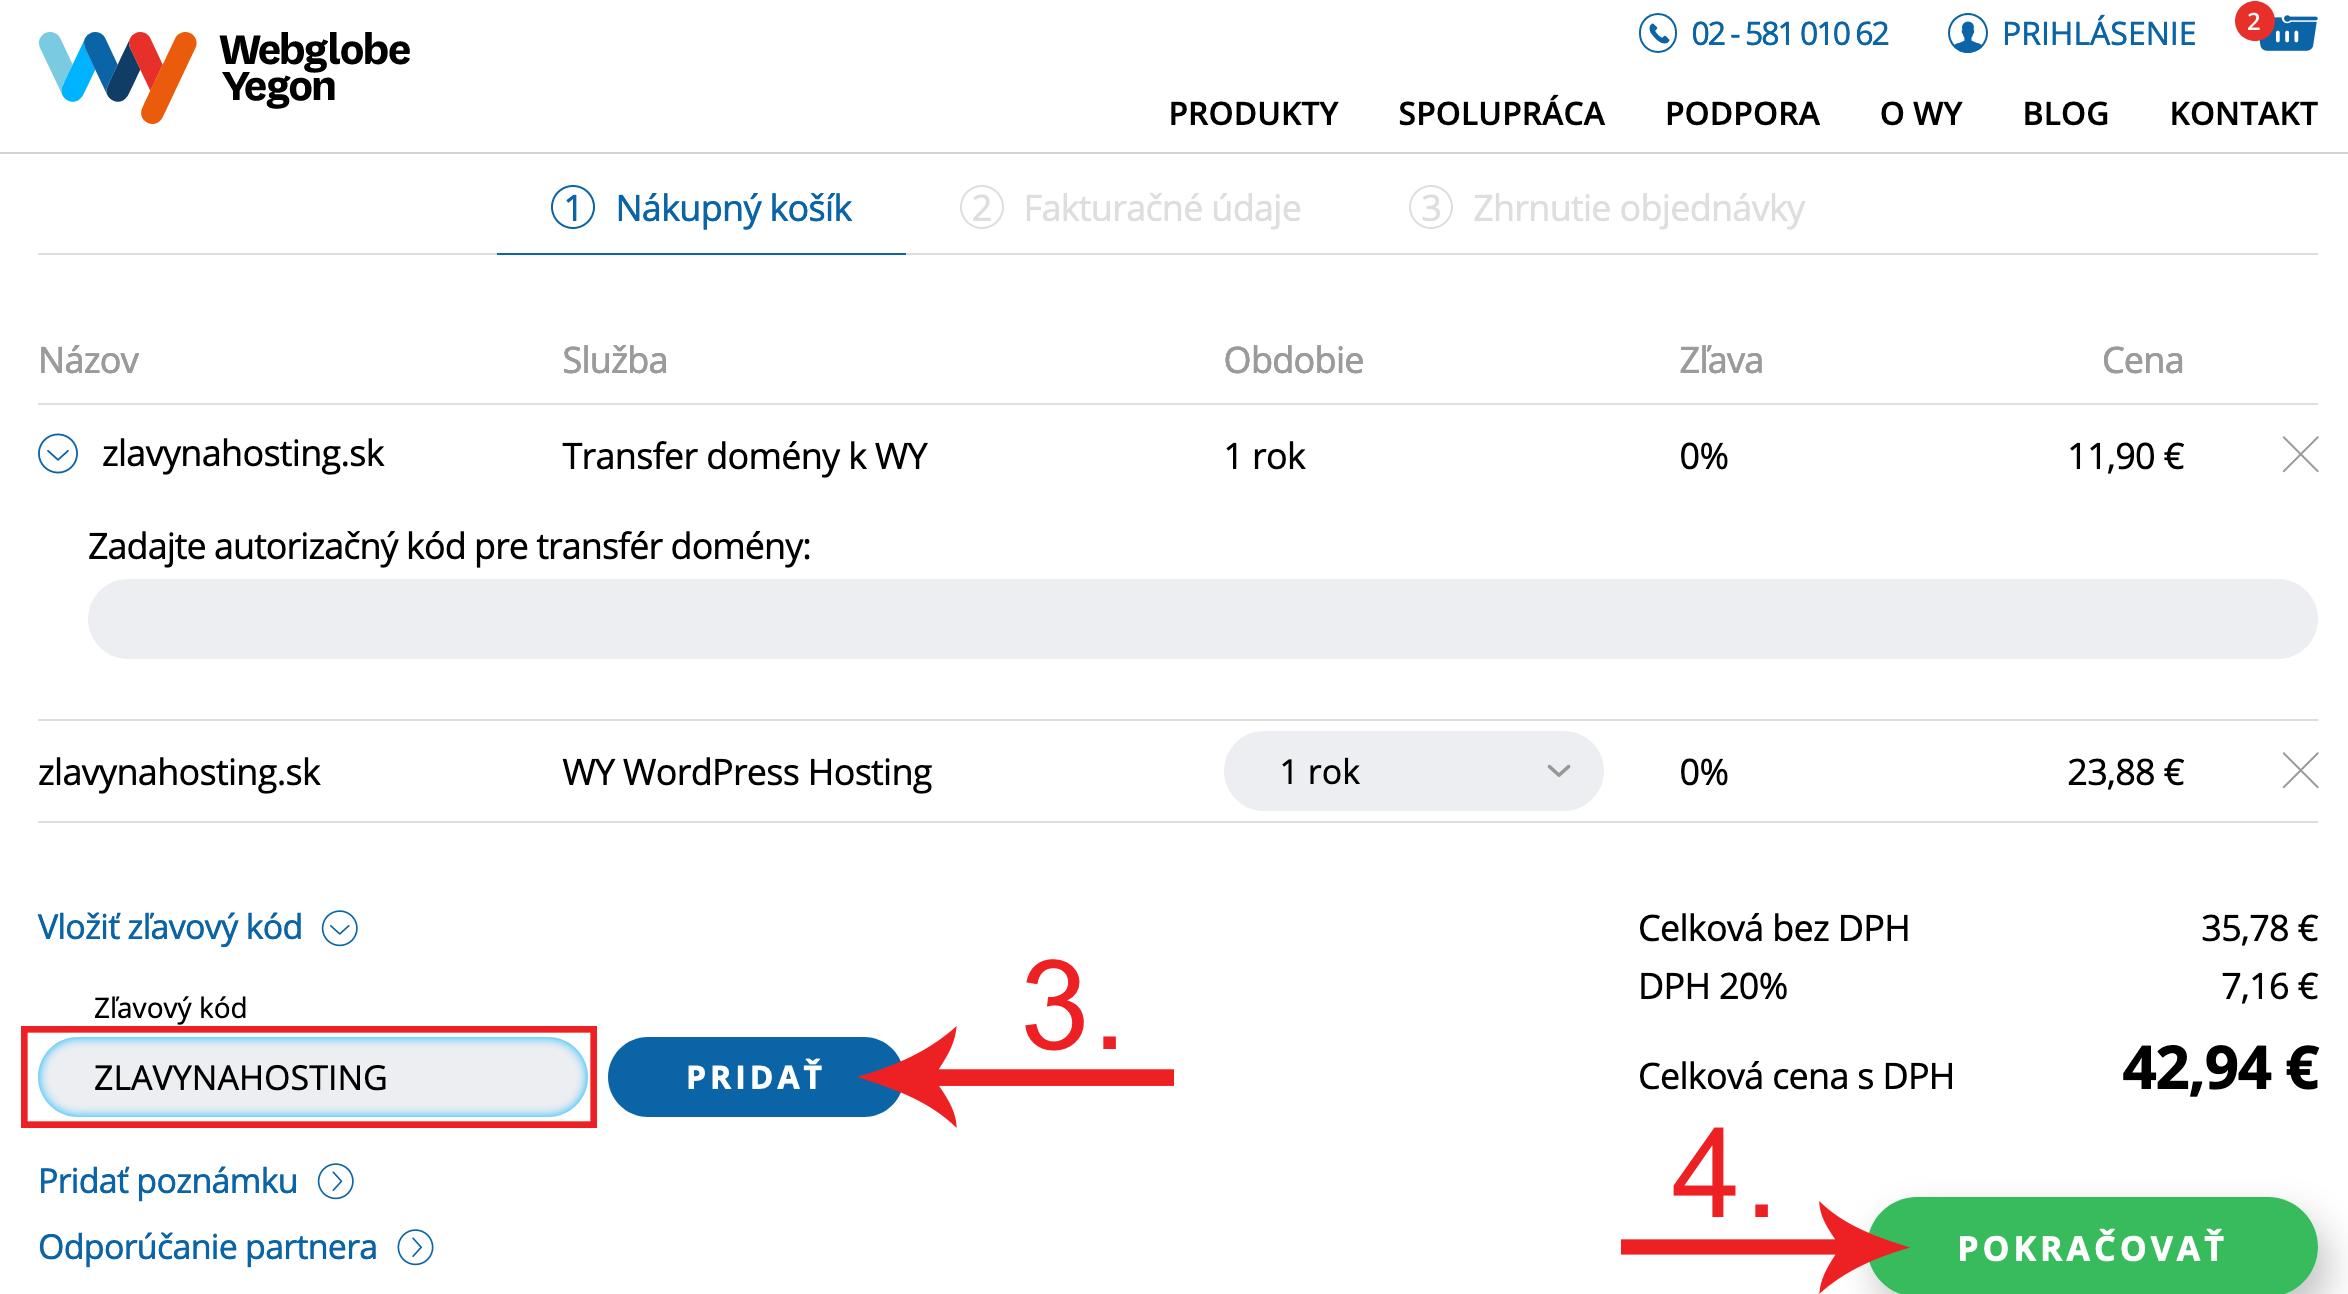 Ako aktivovať zľavový kupón na Webglobe Yegon